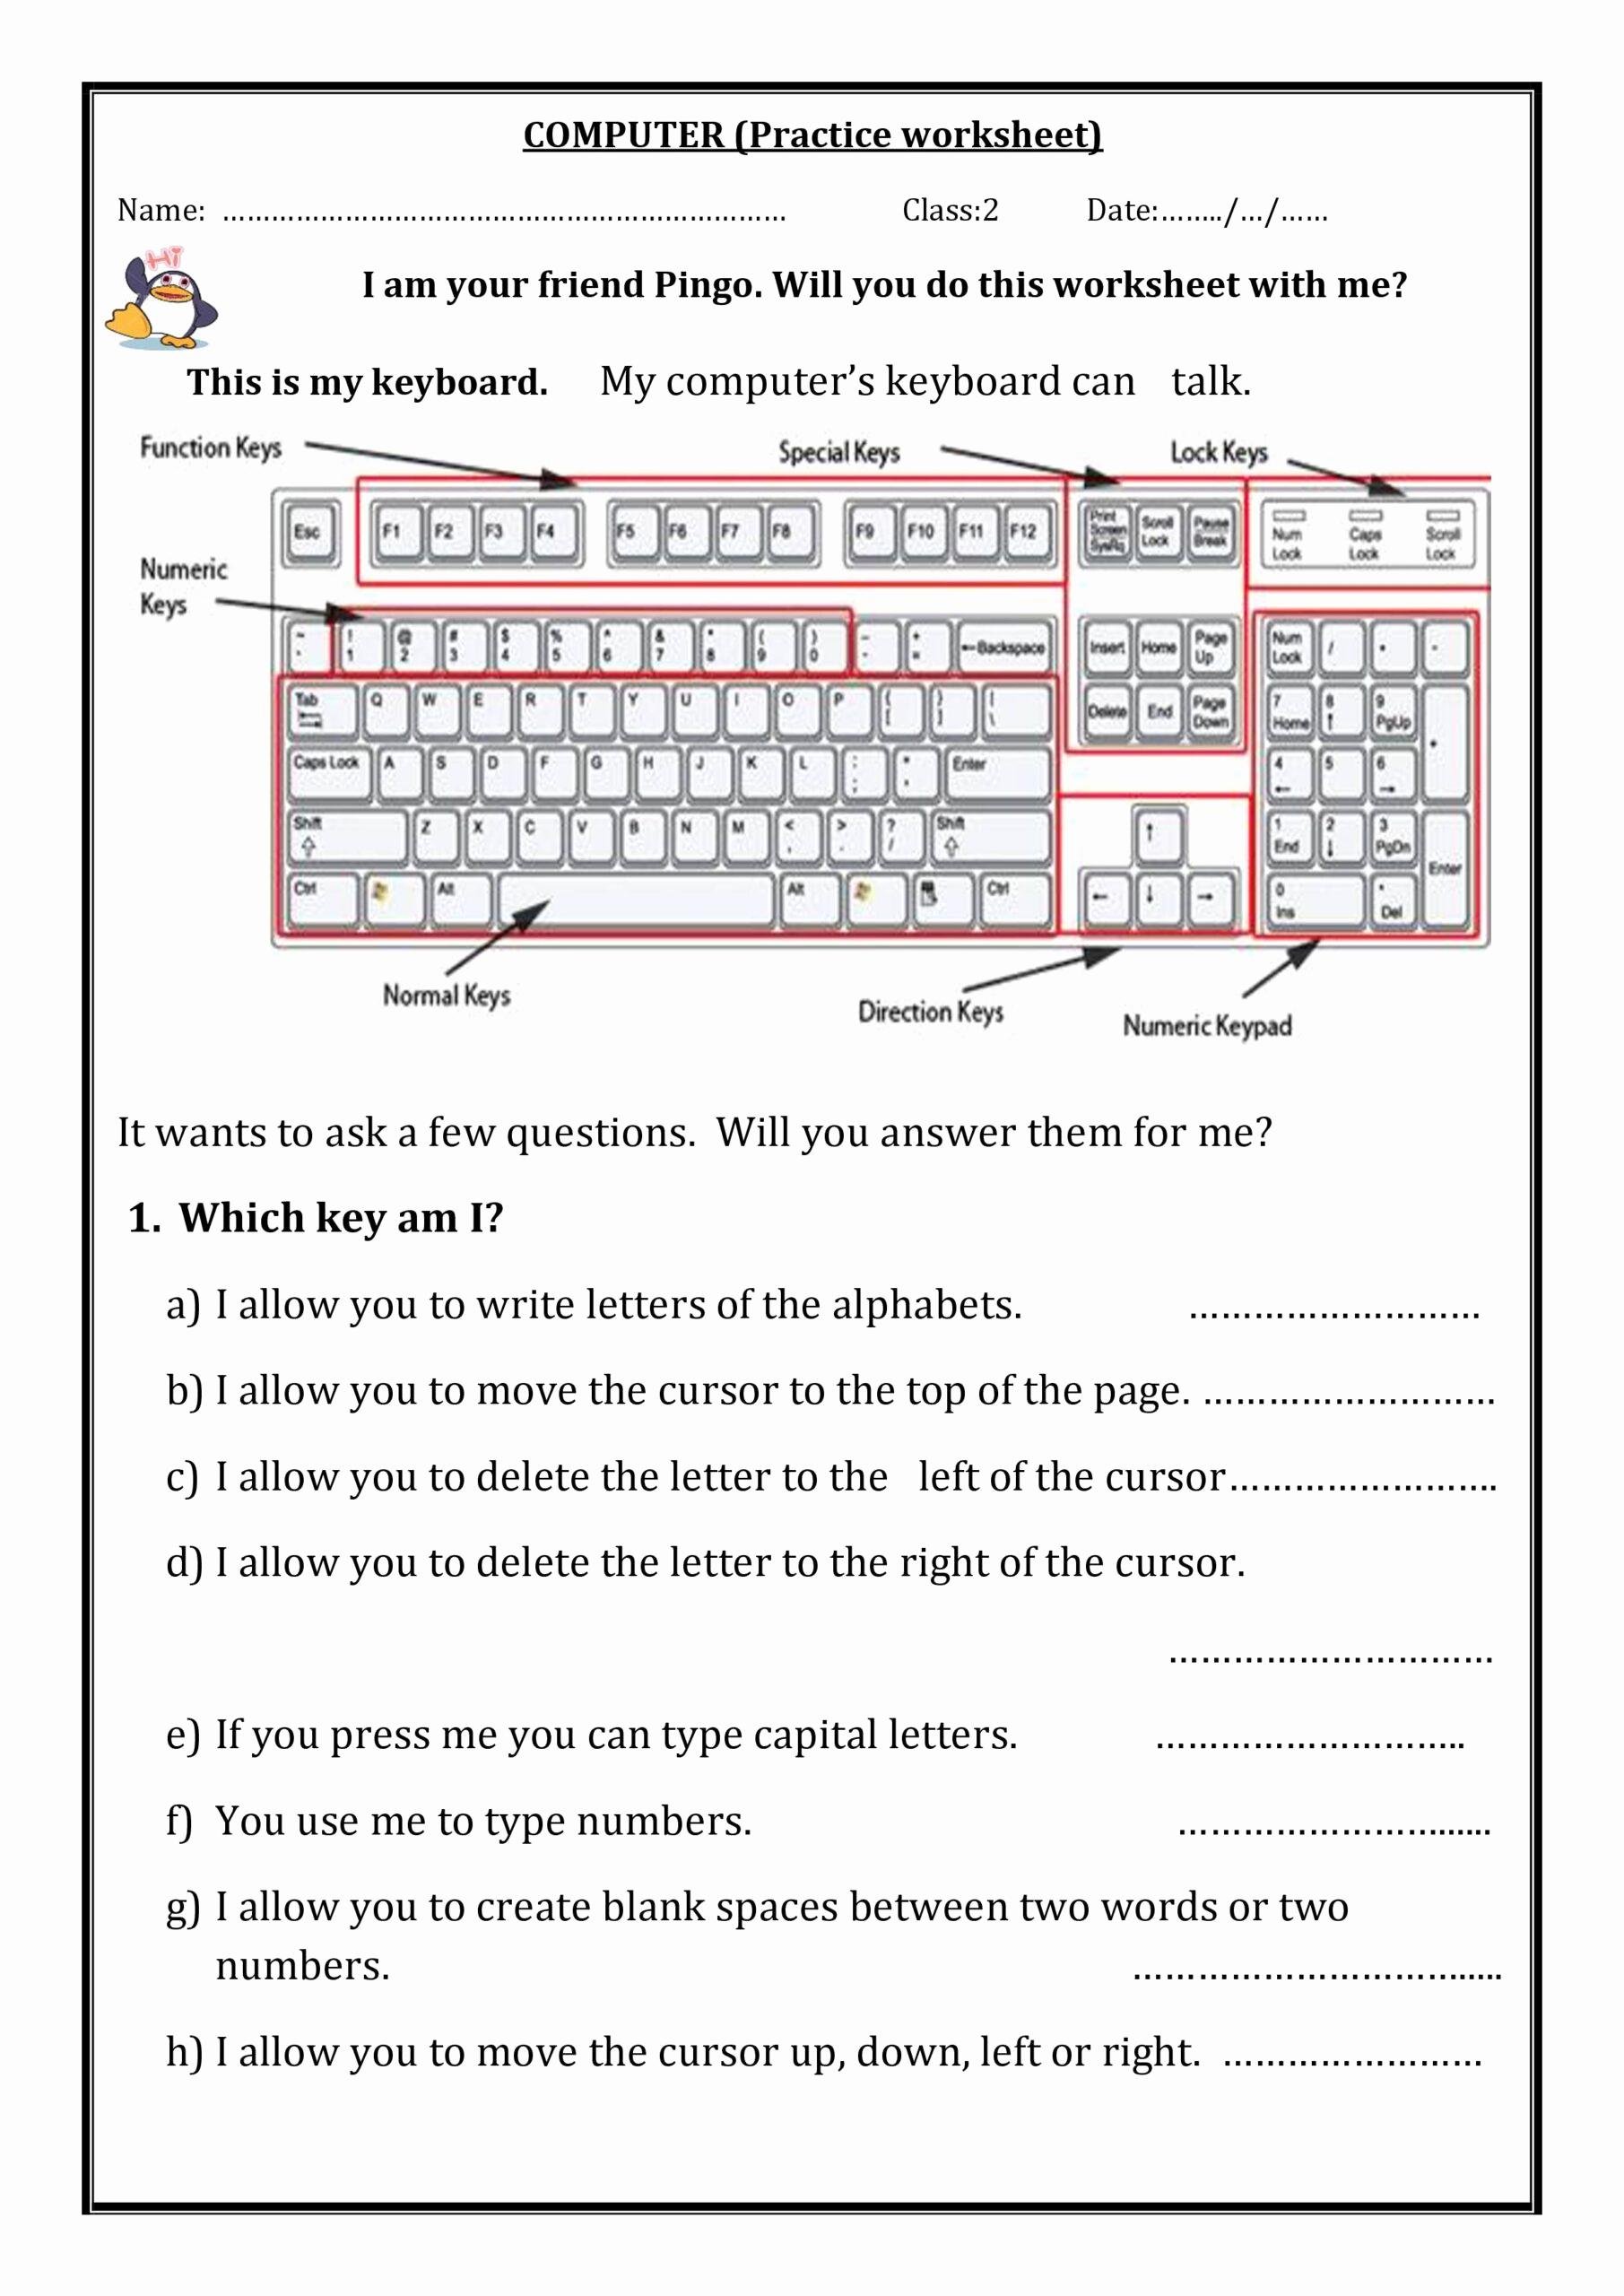 Free Printable Computer Keyboarding Worksheets Elegant Worksheet for Notes Puter Science Worksheets Samplenote